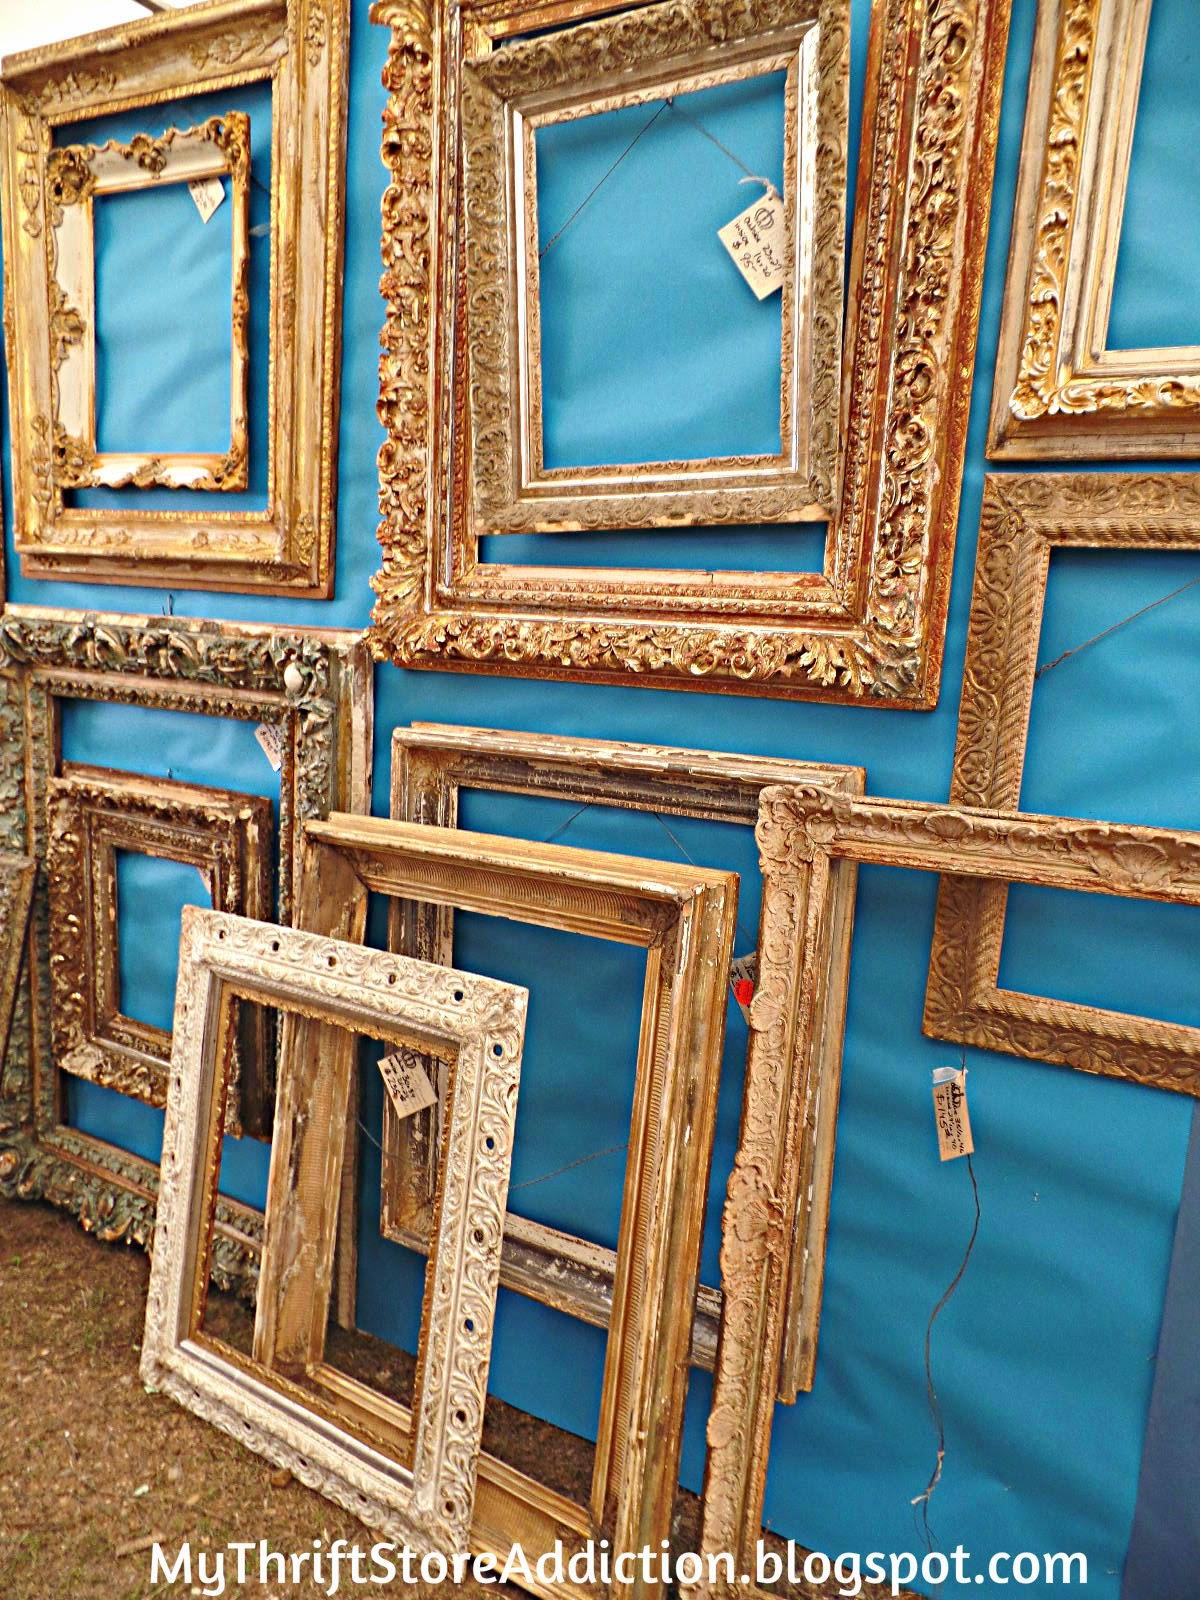 Antique gilded frames